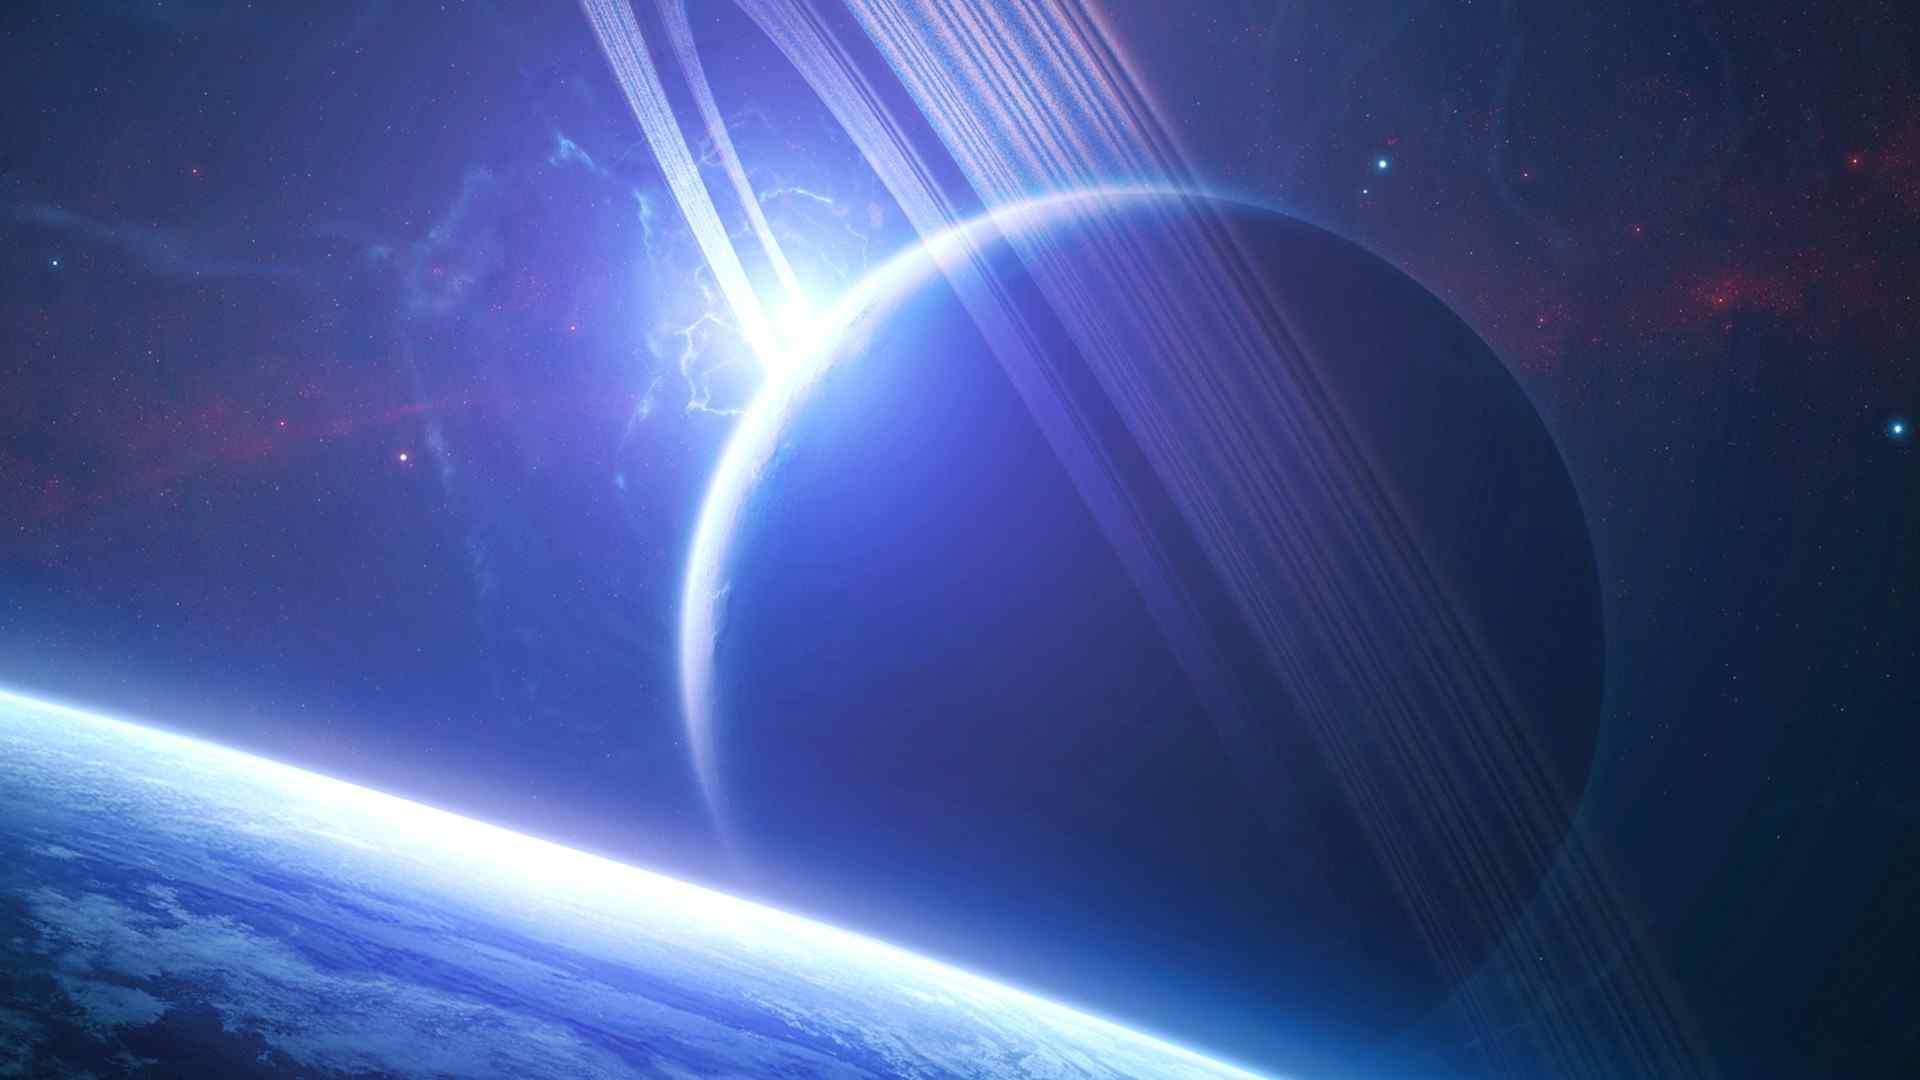 神秘蓝色科幻星球桌面壁纸